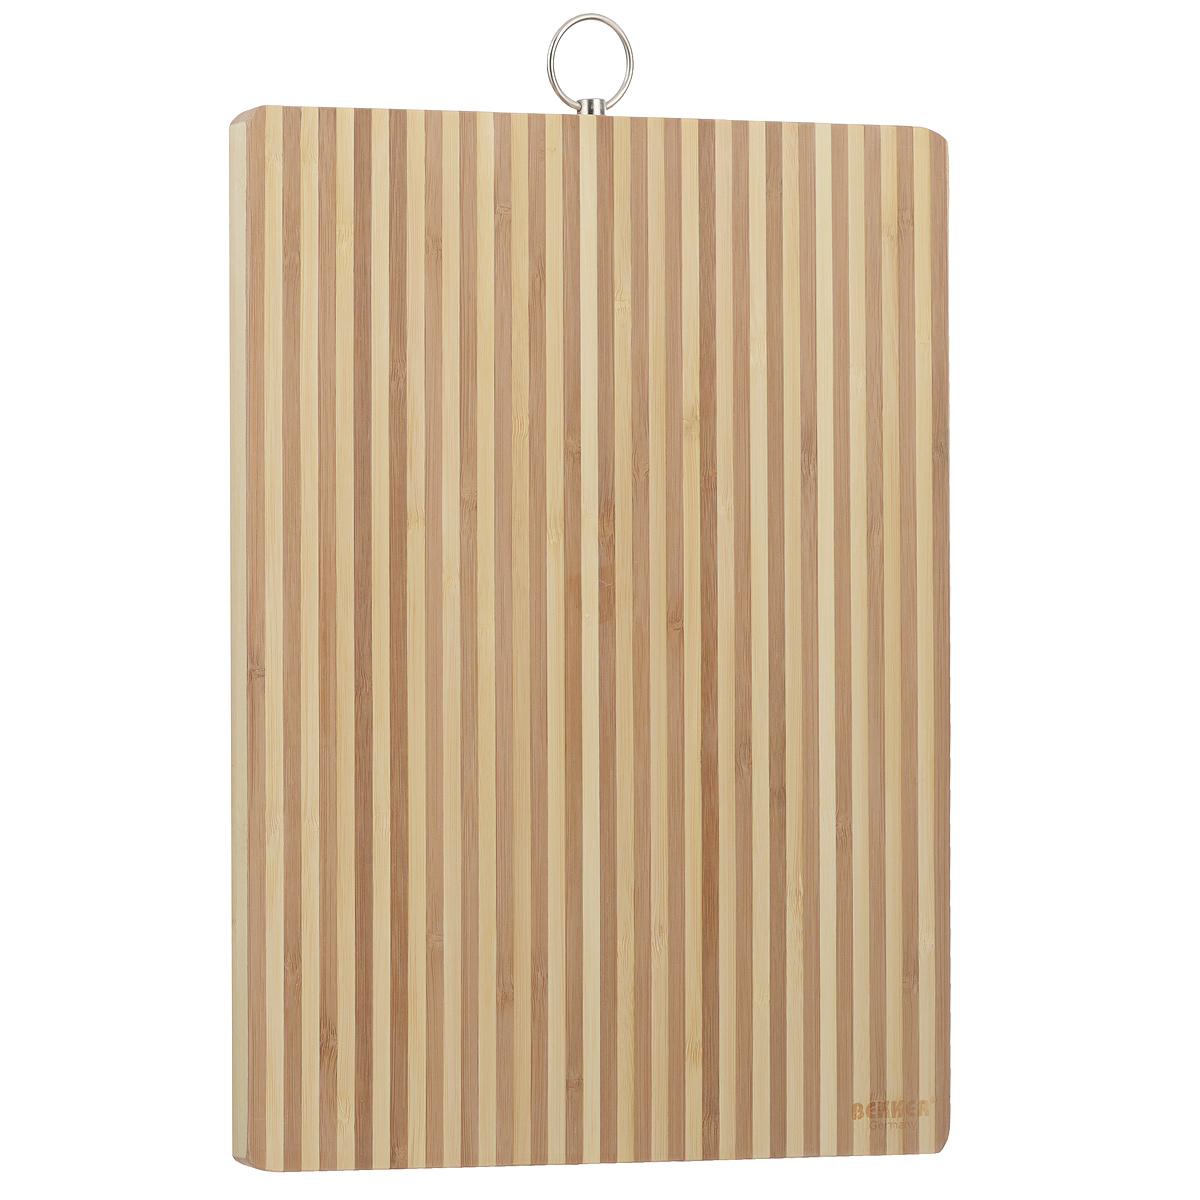 Доска разделочная Bekker, бамбуковая, 34 см х 24 см. BK-9705BK-9705Прямоугольная разделочная доска Bekker изготовлена из высококачественной древесины бамбука, обладающей антибактериальными свойствами. Бамбук - инновационный материал, идеально подходящий для разделочных досок. Доски из бамбука обладают высокой плотностью структуры древесины, а также устойчивы к механическим воздействиям. Доска оснащена крючком для подвешивания. Функциональная и простая в использовании, разделочная доска Bekker прекрасно впишется в интерьер любой кухни и прослужит вам долгие годы.